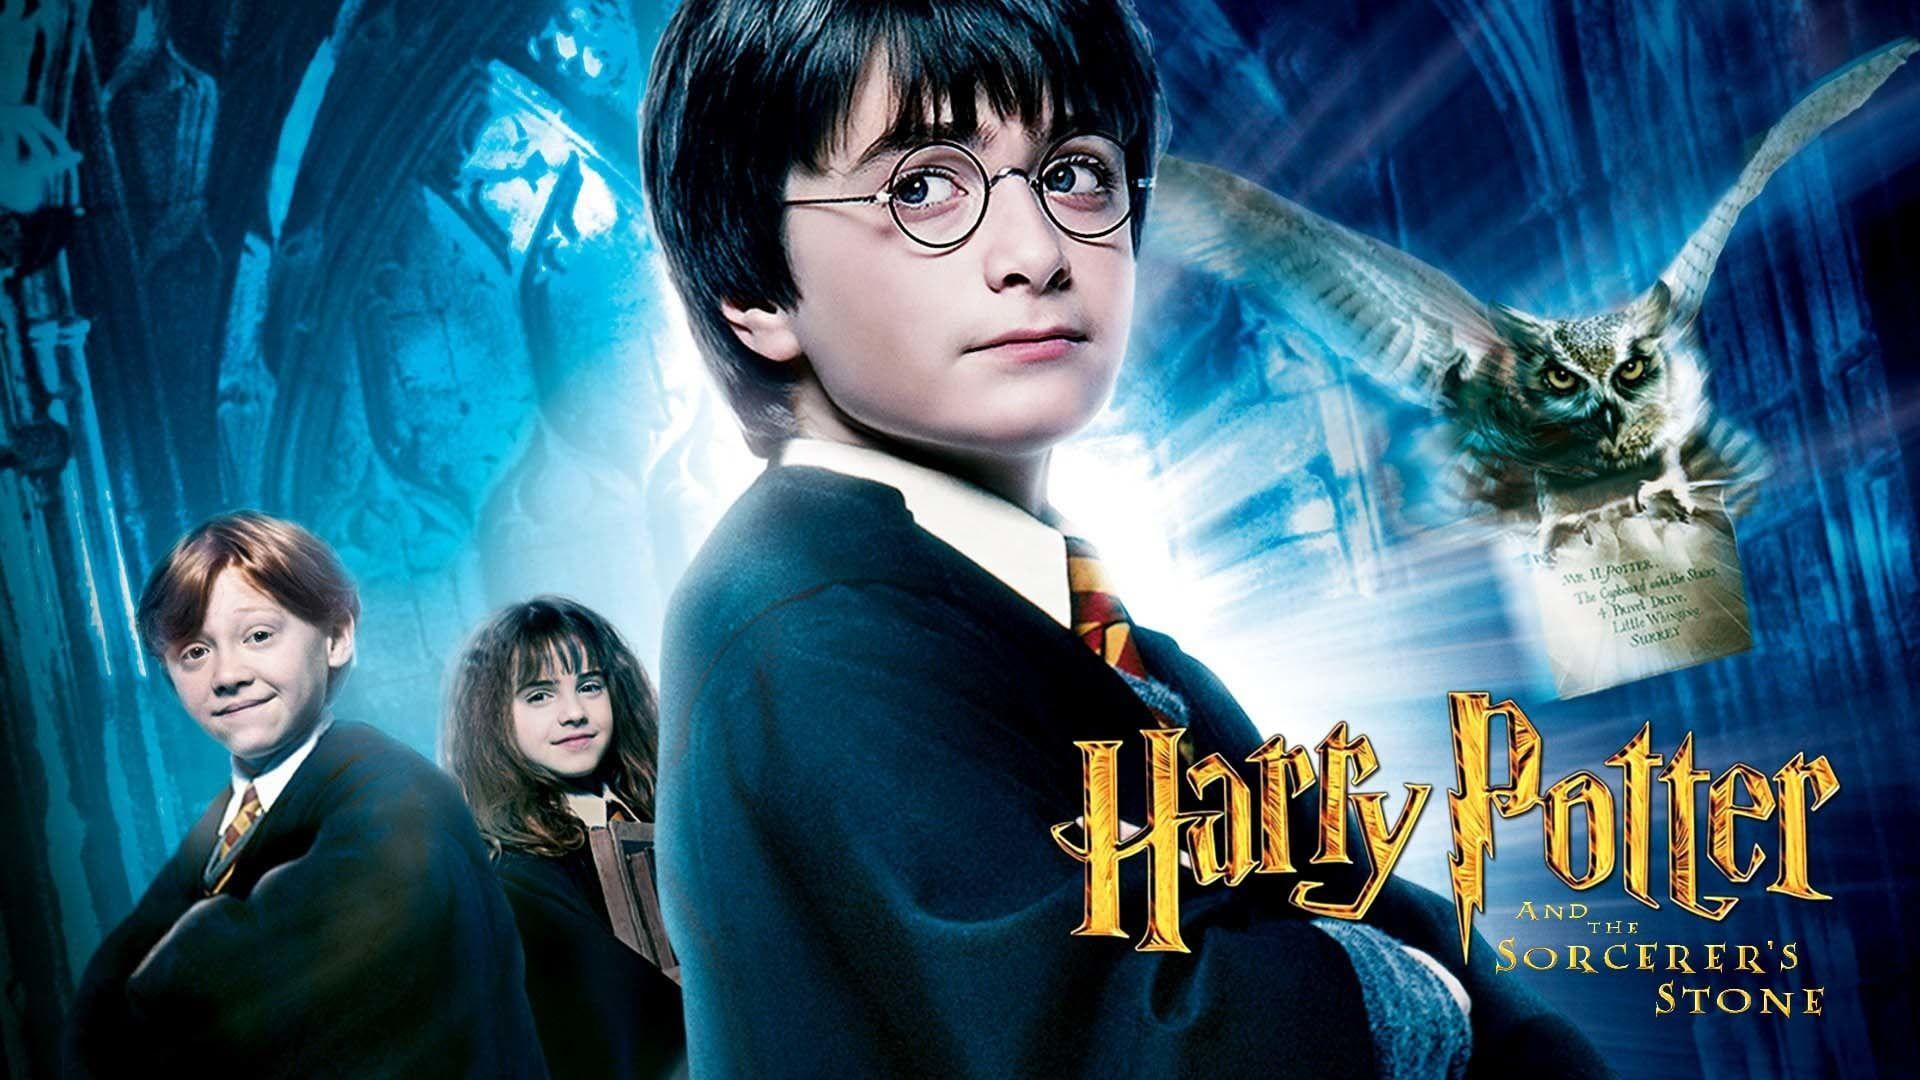 Harry Potter Es A Bolcsek Kove 2001 Online Teljes Film Filmek Magyarul Letoltes Hd Szulei Halala Utan Free Movies Online Full Movies Online Free Movies Online